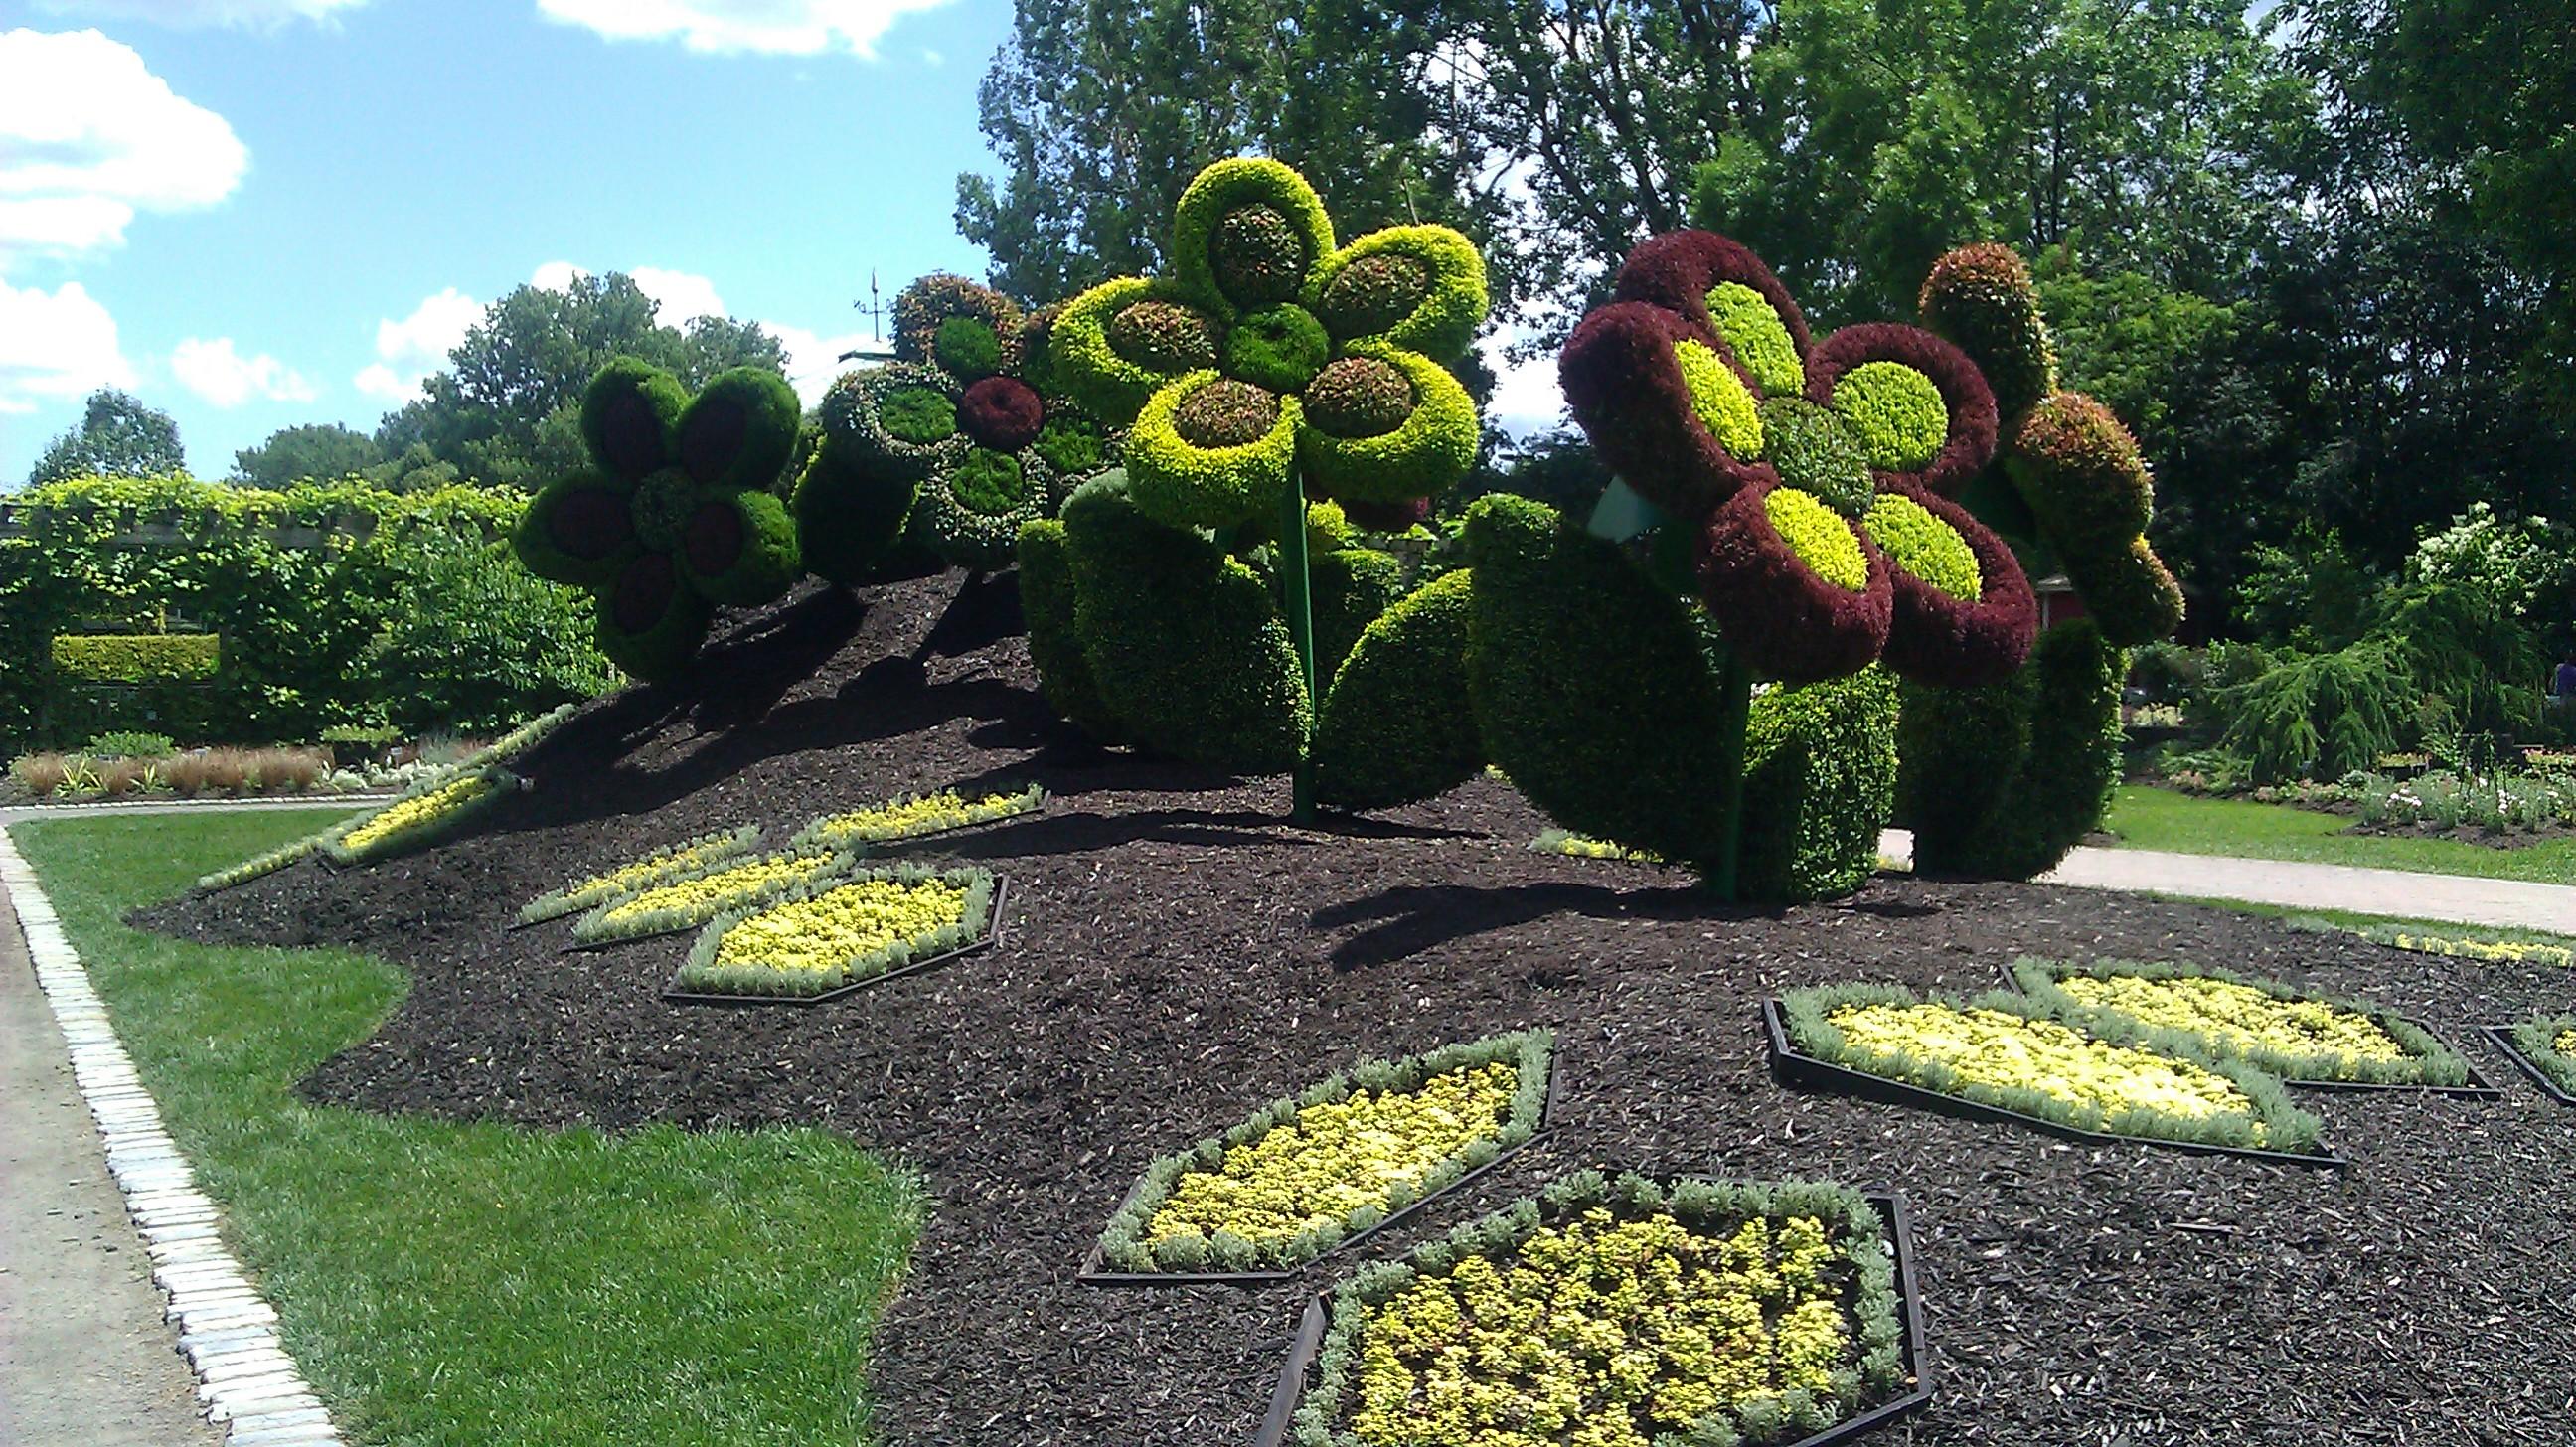 Jolies fleurs jardin botanique mosa cultures envoi d elise for Botanique jardin